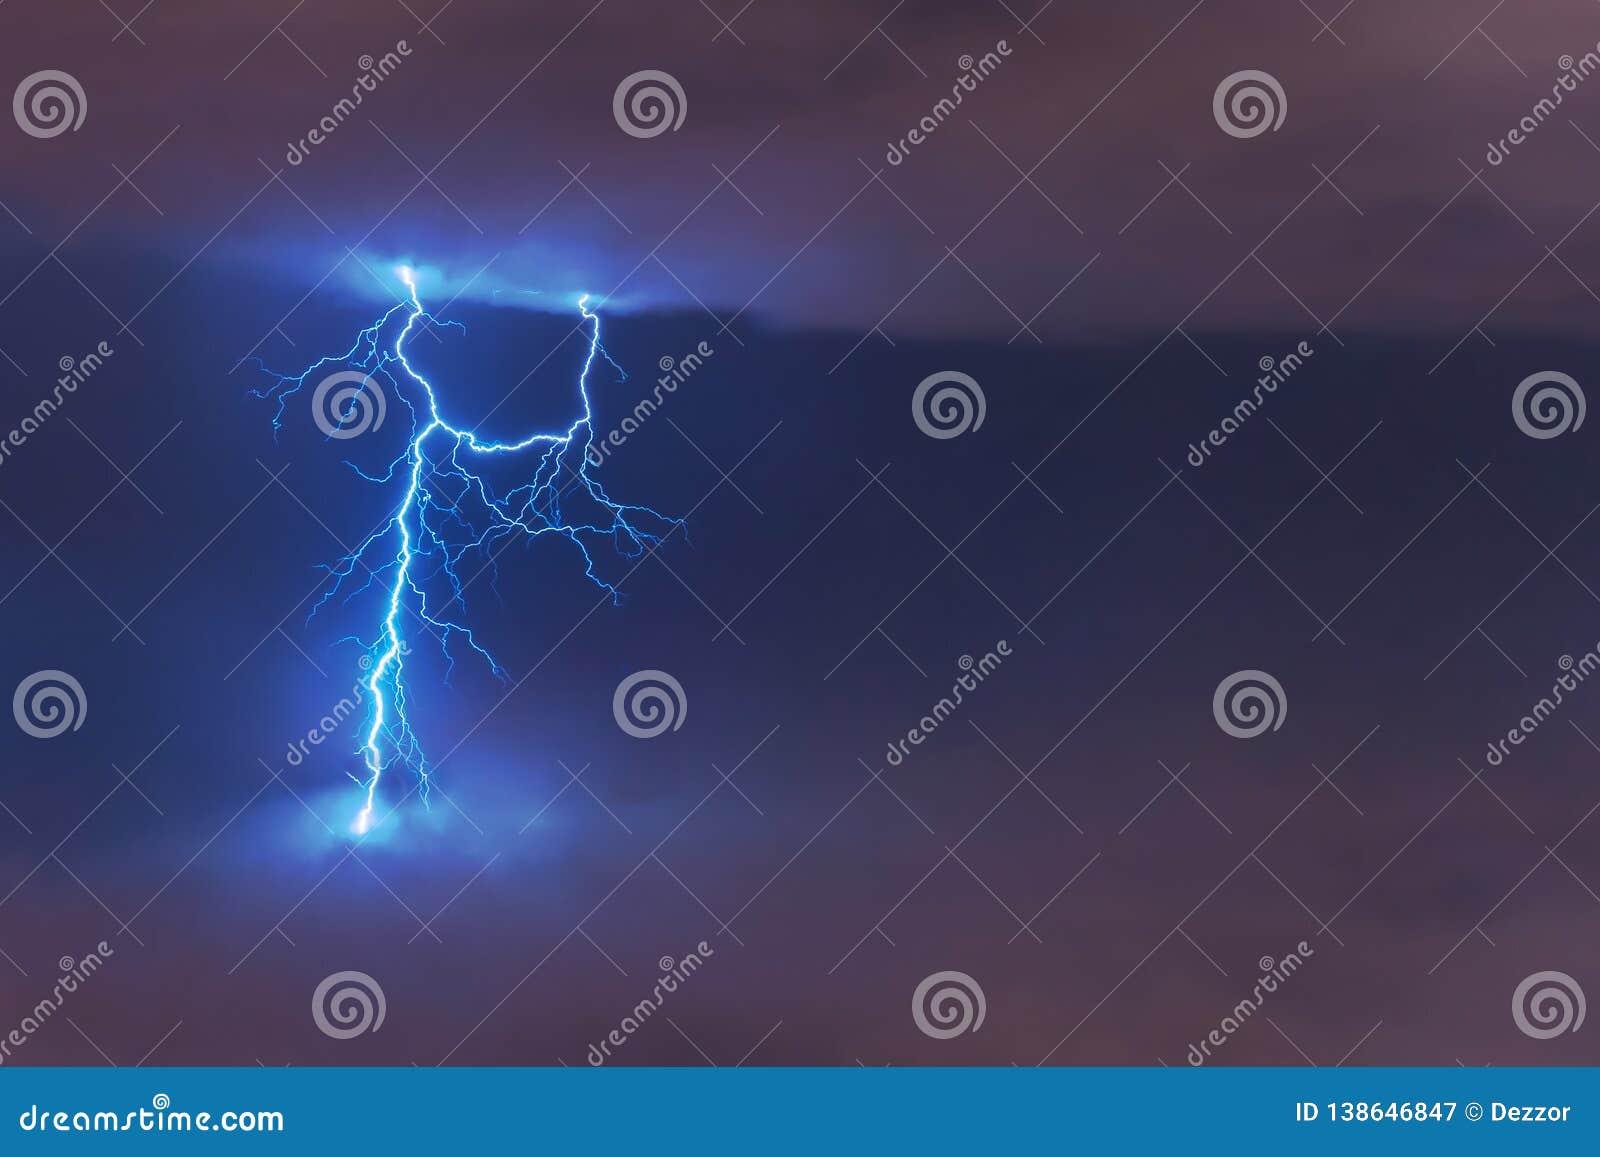 Uderzenie pioruna błysk, elektryczny rozładowanie między chmurami przy nocą